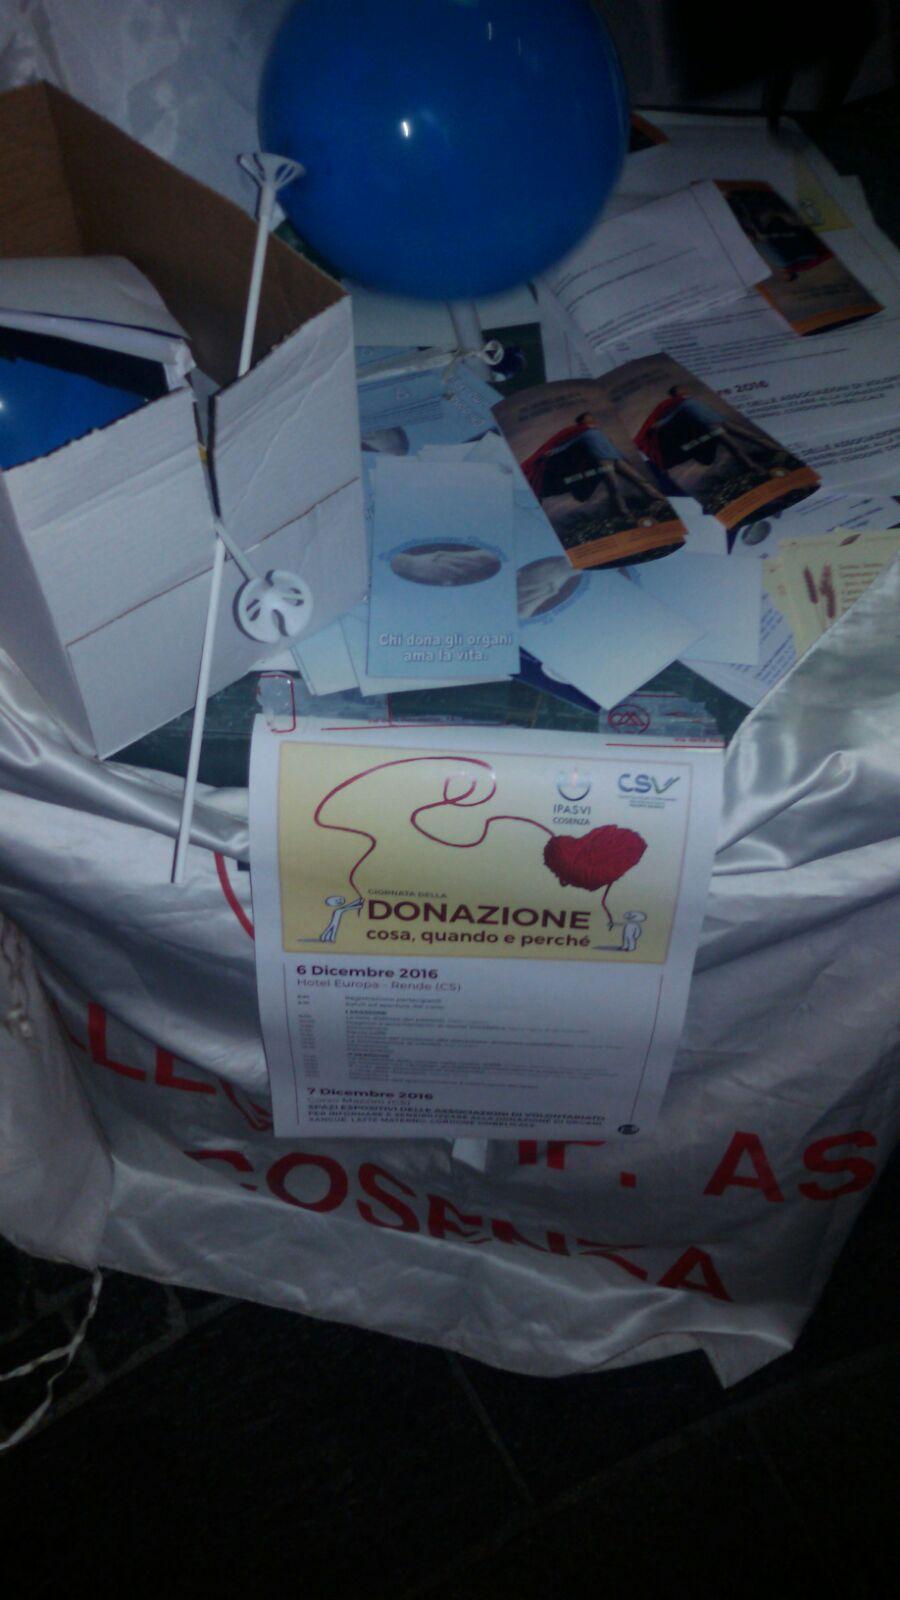 FOTO - A Cosenza lo stand di Ipasvi e Csv per la Giornata della Donazione degli organi